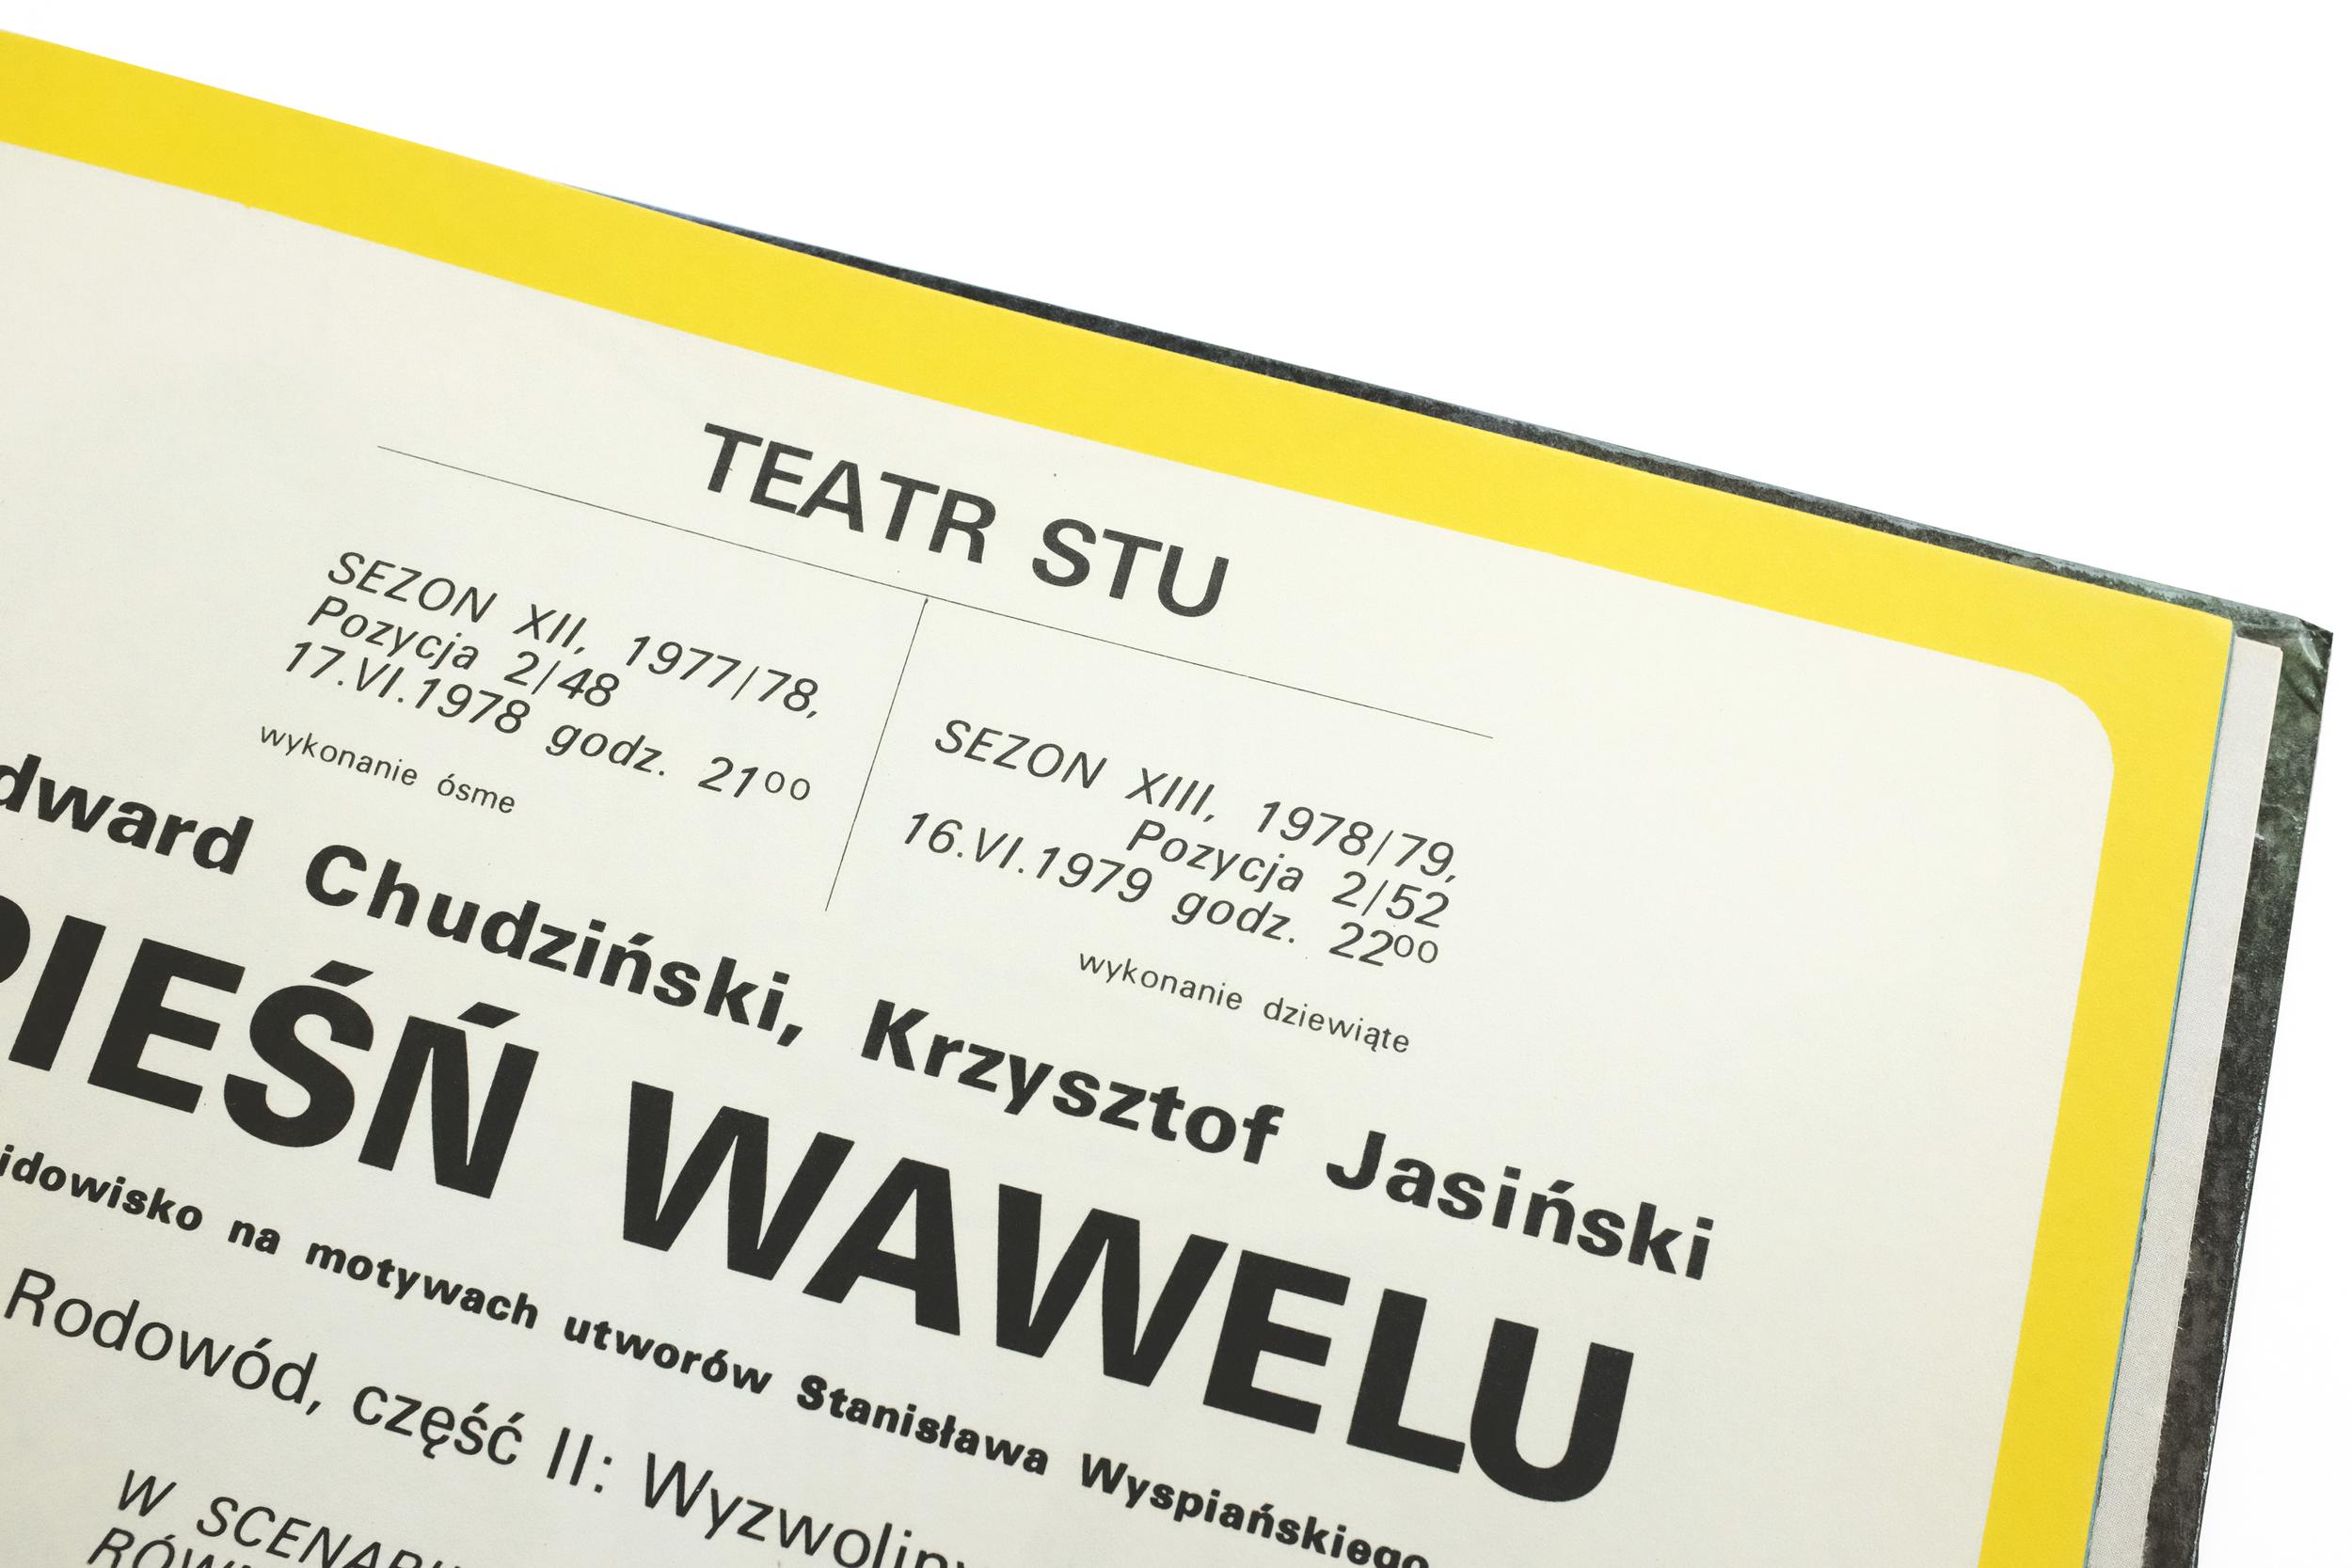 piesn_wawelu_32.jpg